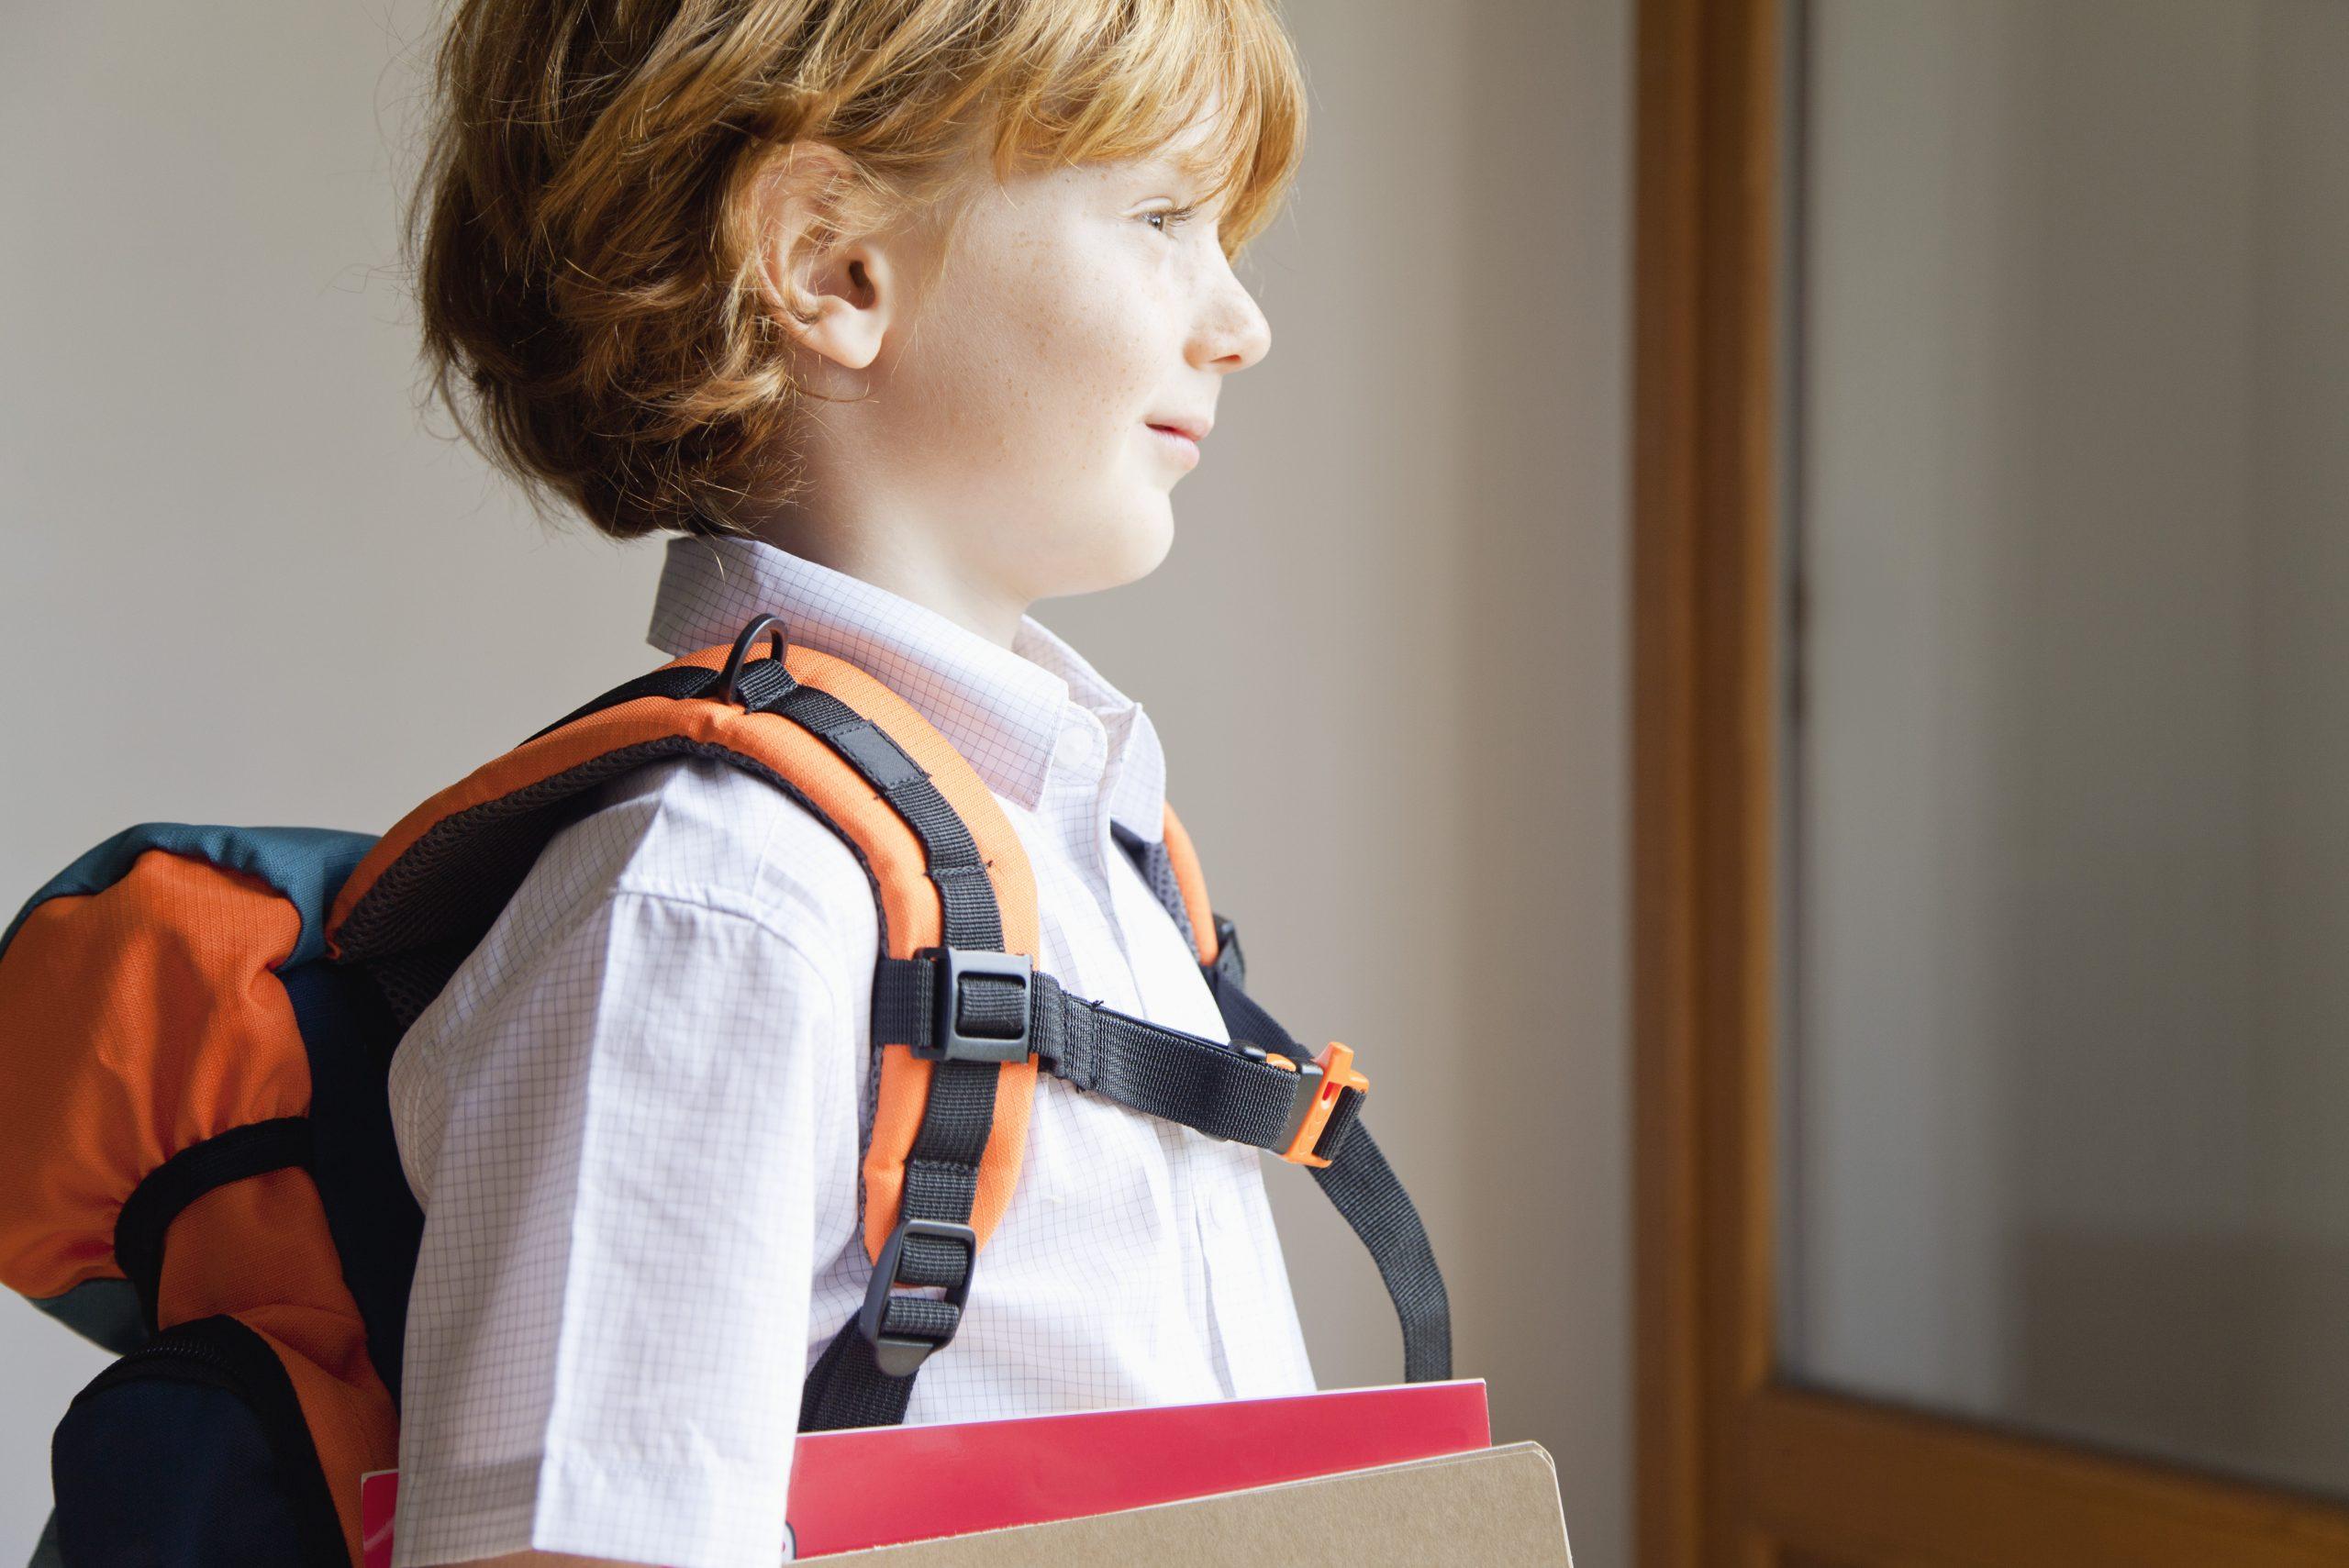 Un jeune garçon blond dans son uniforme, prêt pour son premier jour d'école.